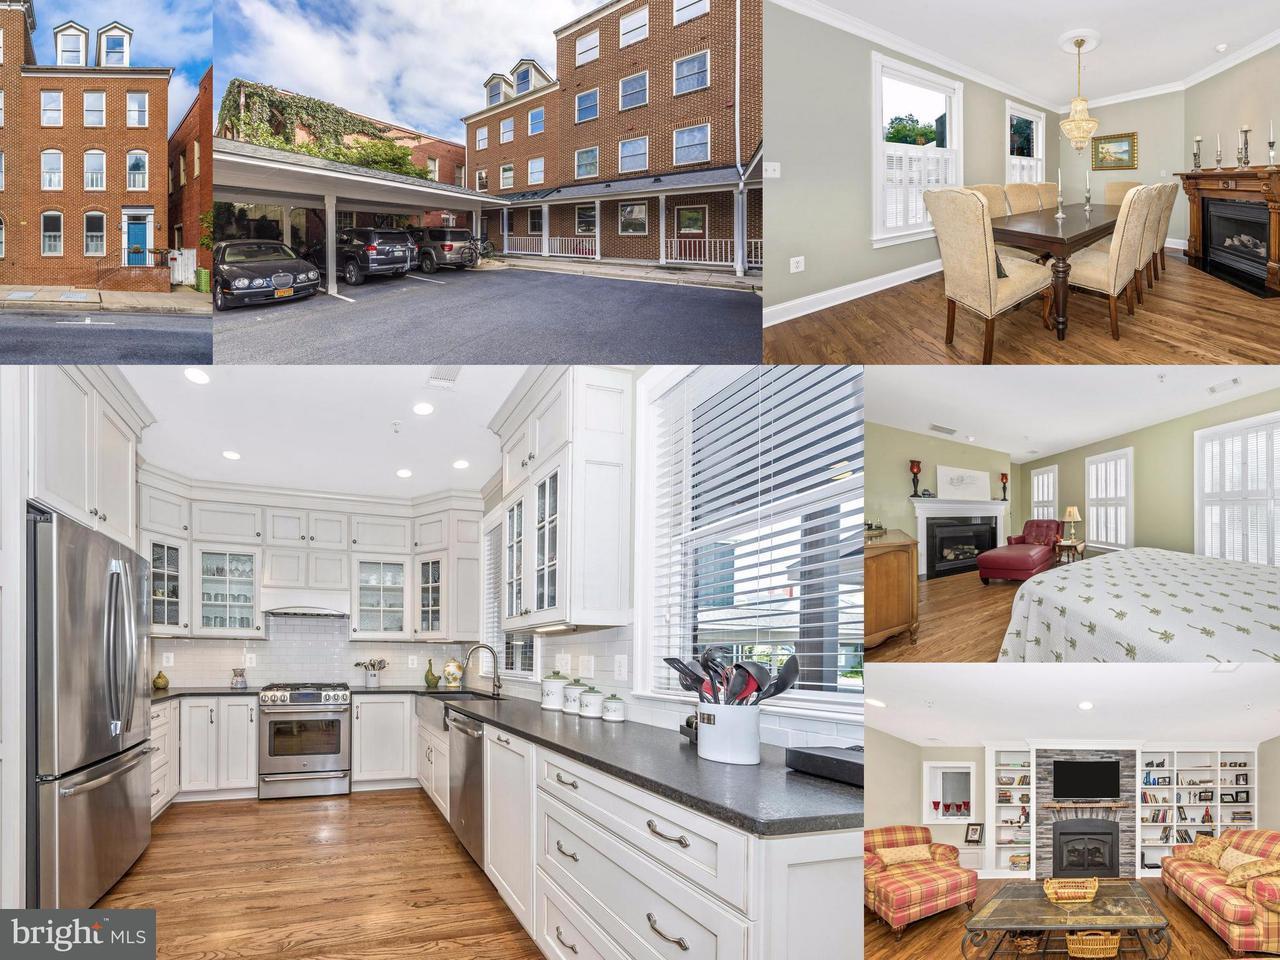 Stadthaus für Verkauf beim 123 Market St S 123 Market St S Frederick, Maryland 21701 Vereinigte Staaten